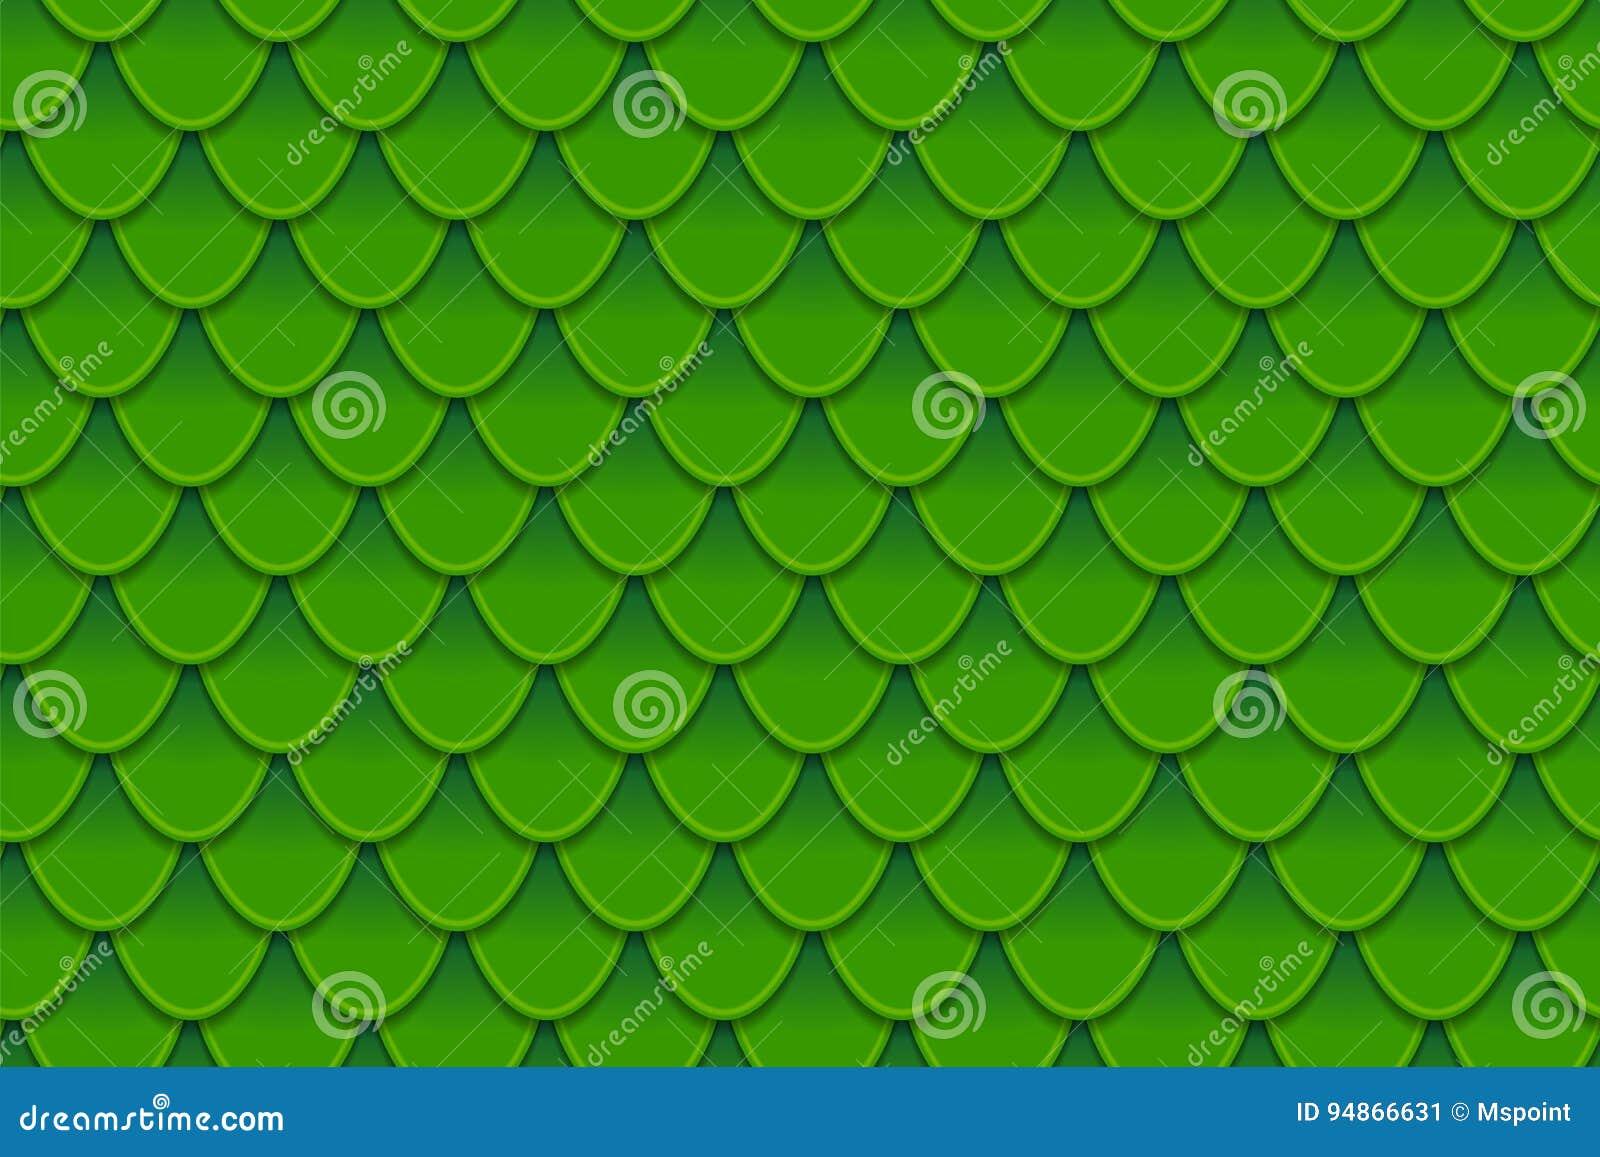 Naadloos patroon van kleurrijke groene vissenschalen Vissenschalen, draakhuid, Japanse karper, dinosaurushuid, pukkels, reptiel